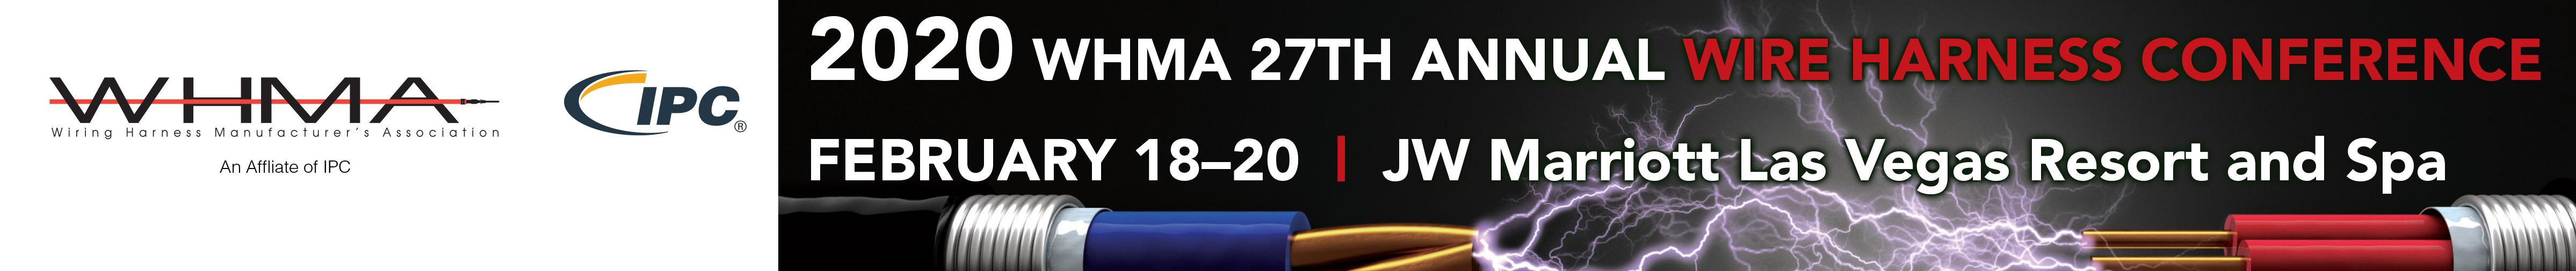 2020 WHMA 27th Annual Wire Harness Conference